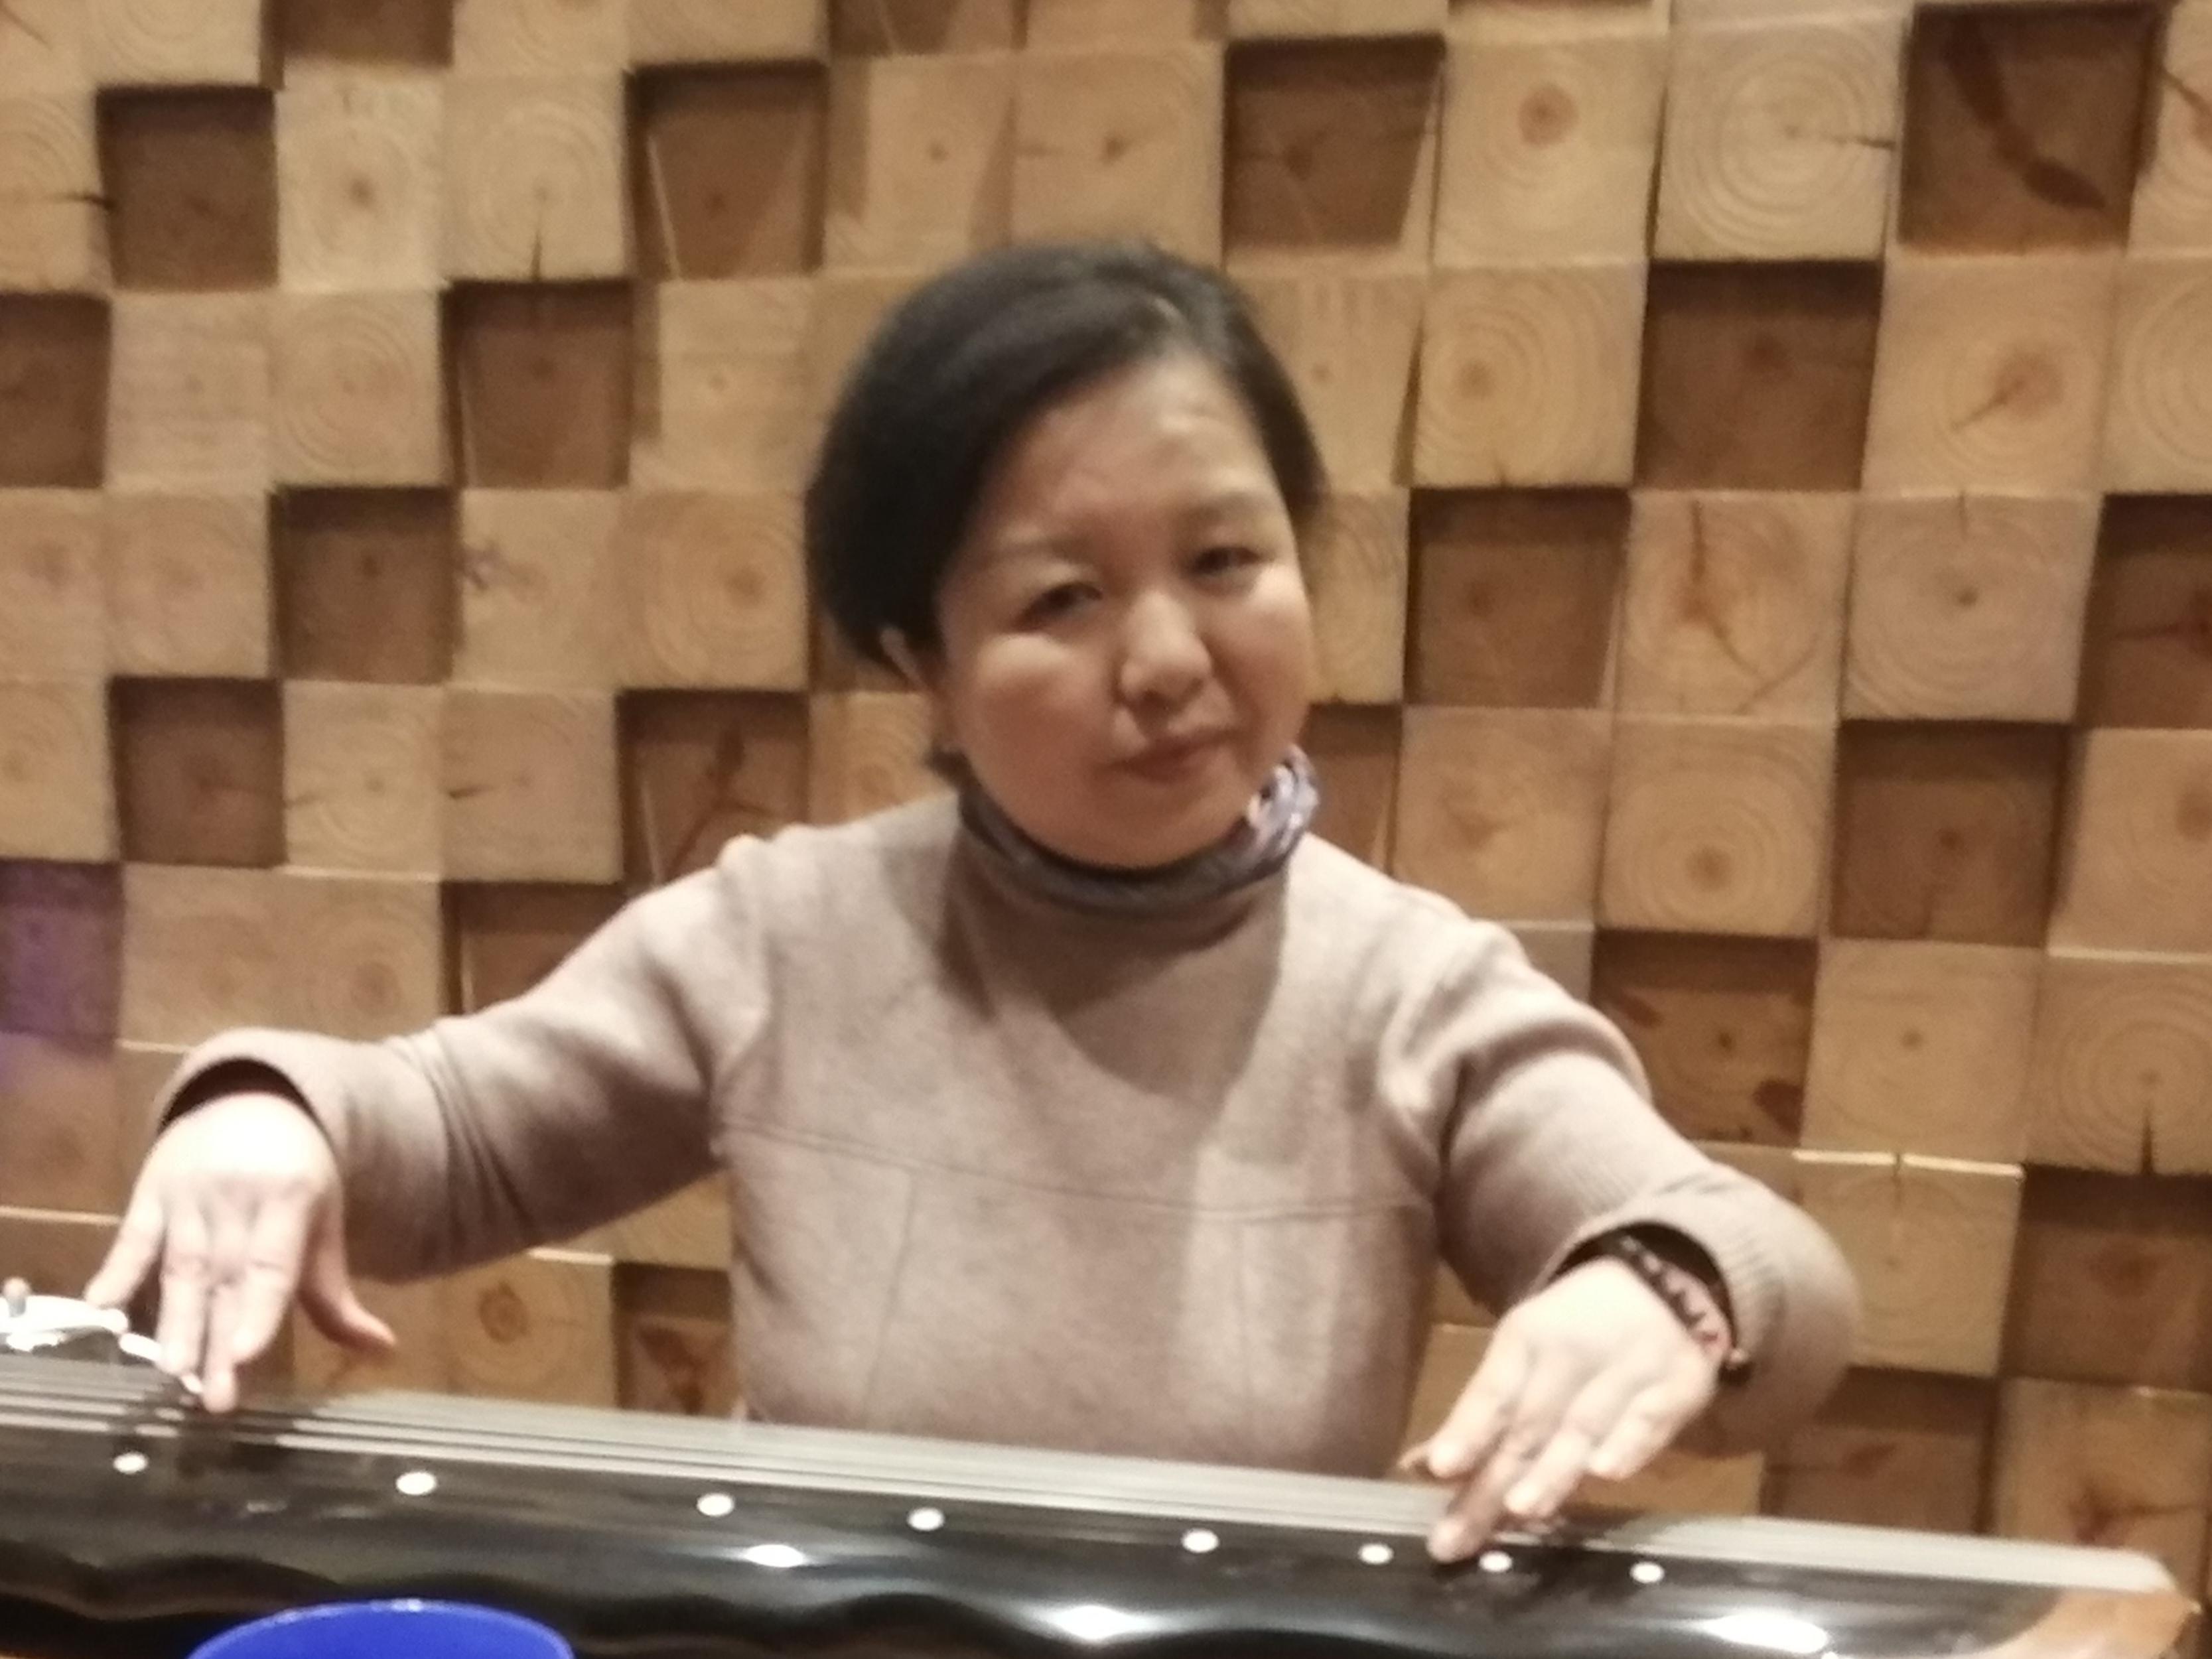 上海家教顾老师